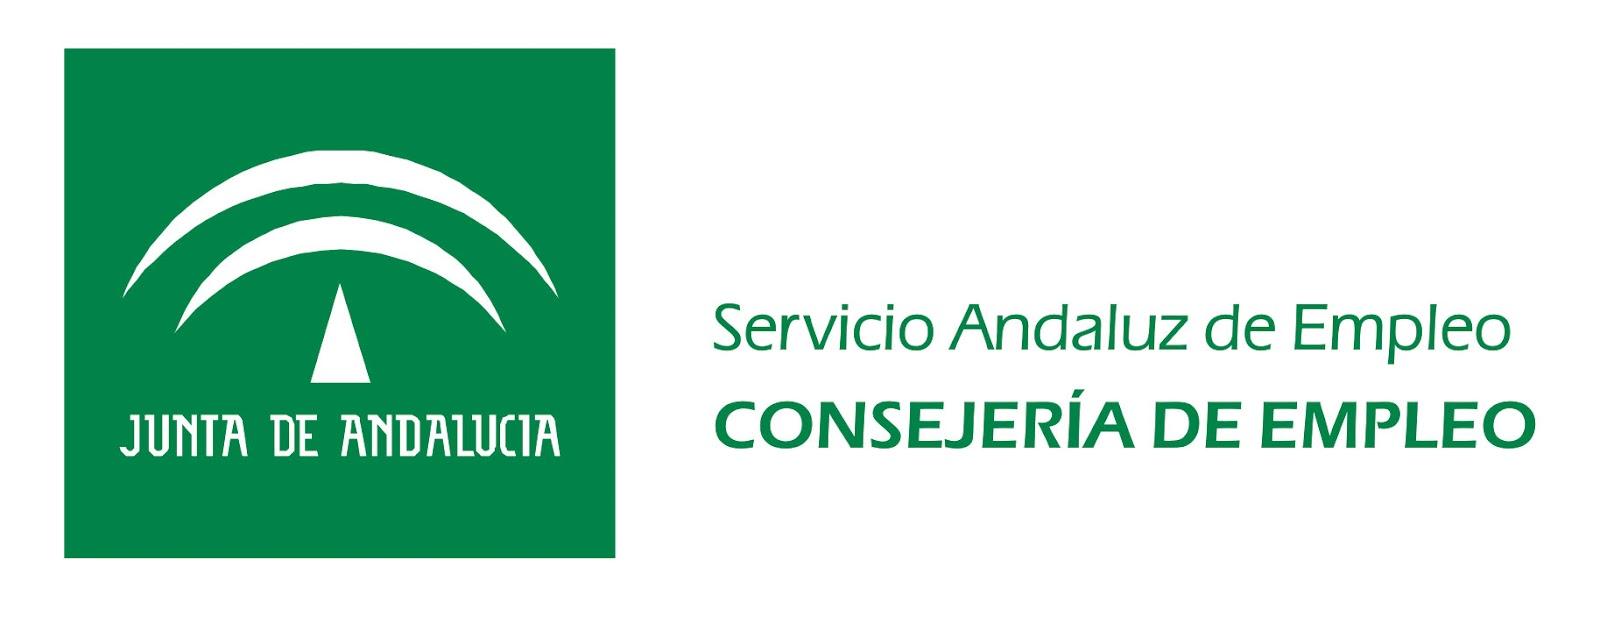 ICONO SERVICIO ANDALUZ DE EMPLEO